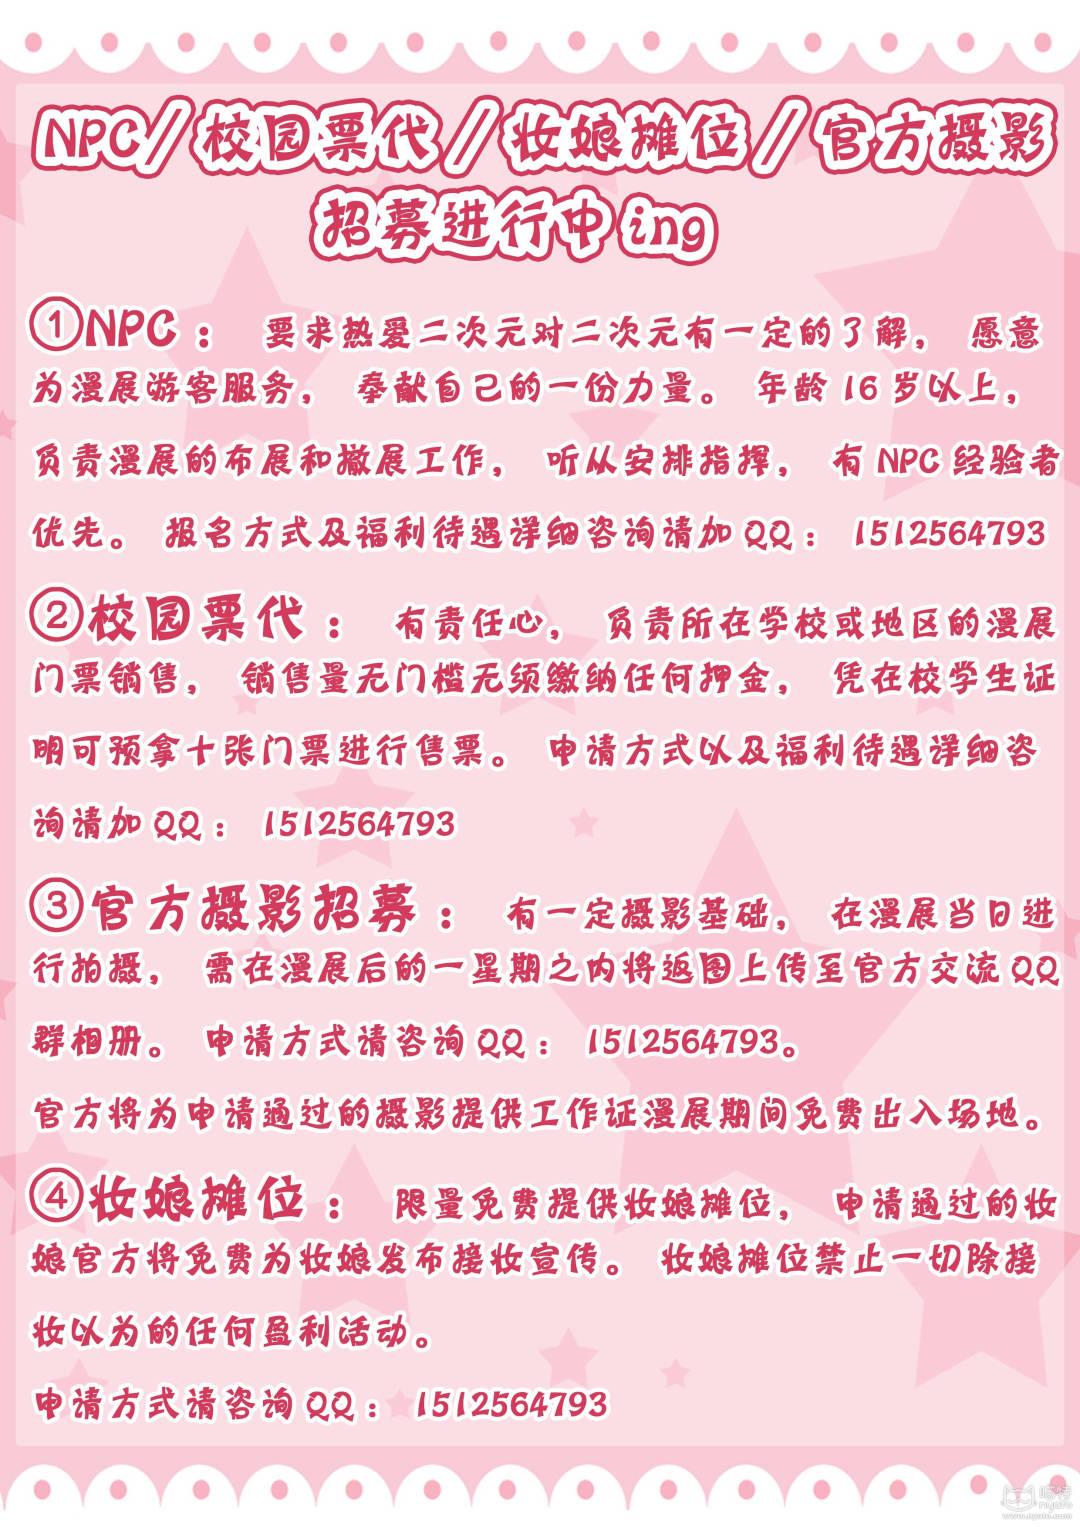 5招募.jpg